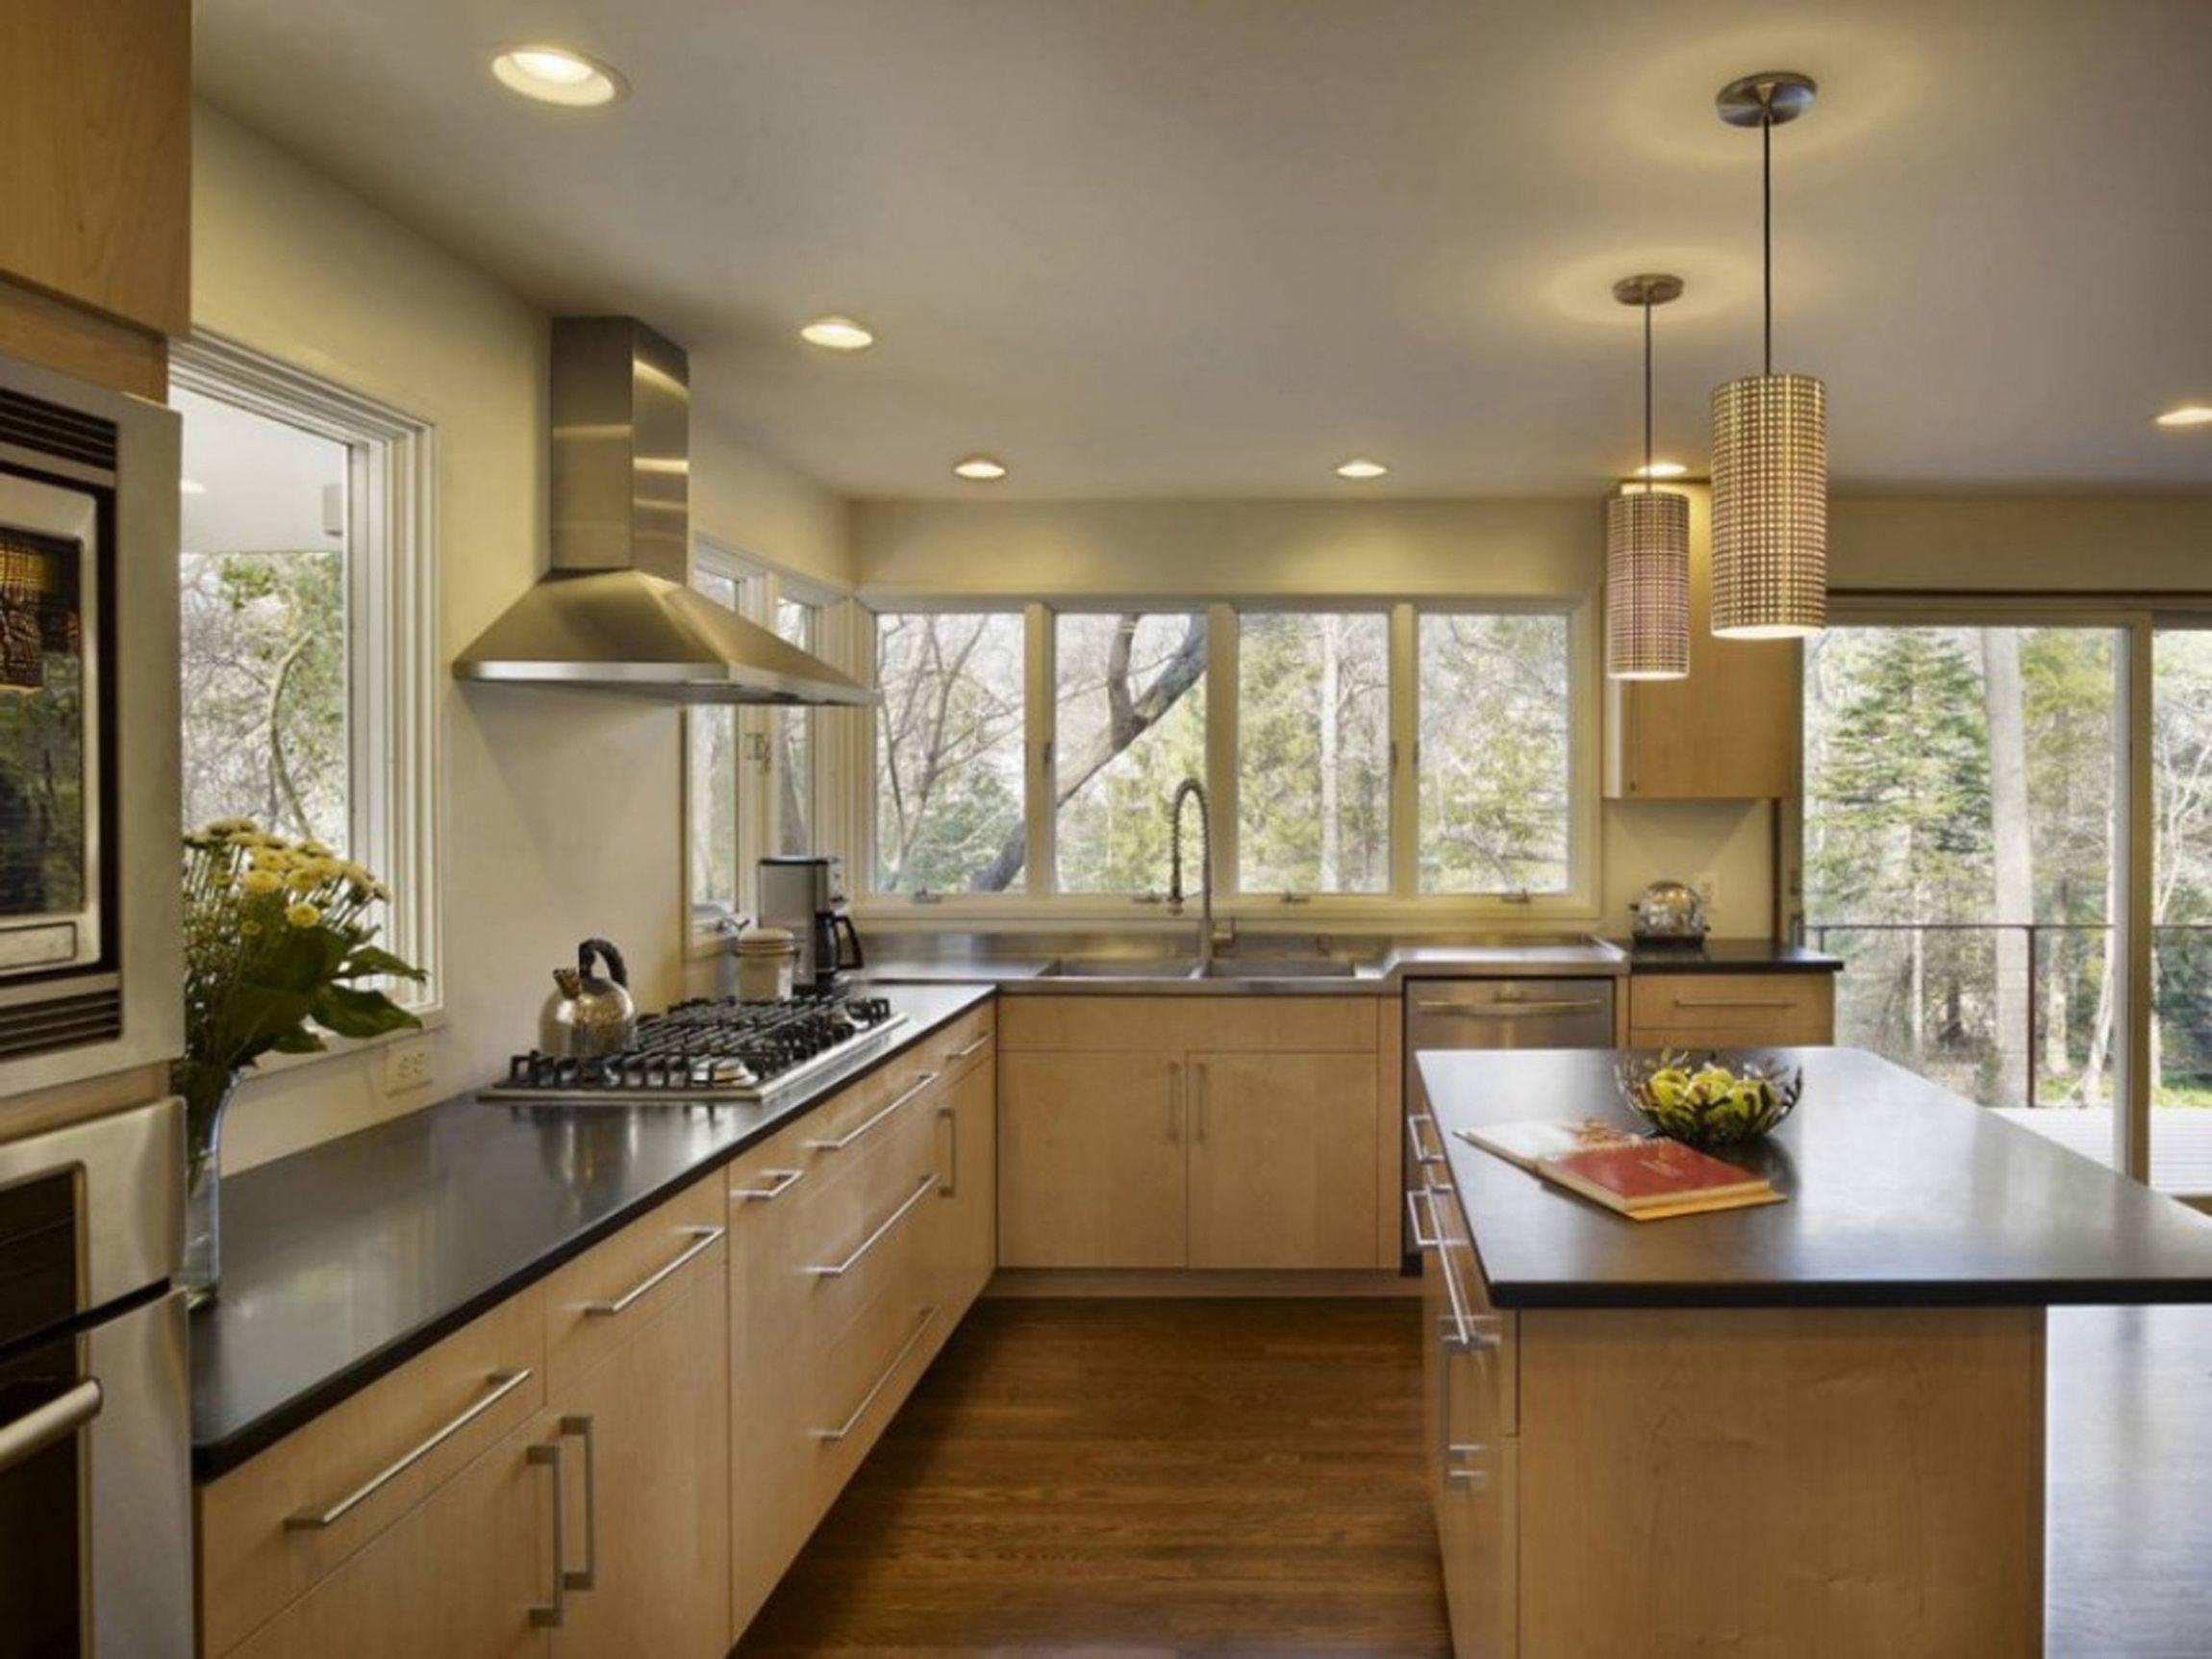 Küche interieur farbschemata moderne küche farbschemata küchen möchten sie erstellen eine moderne